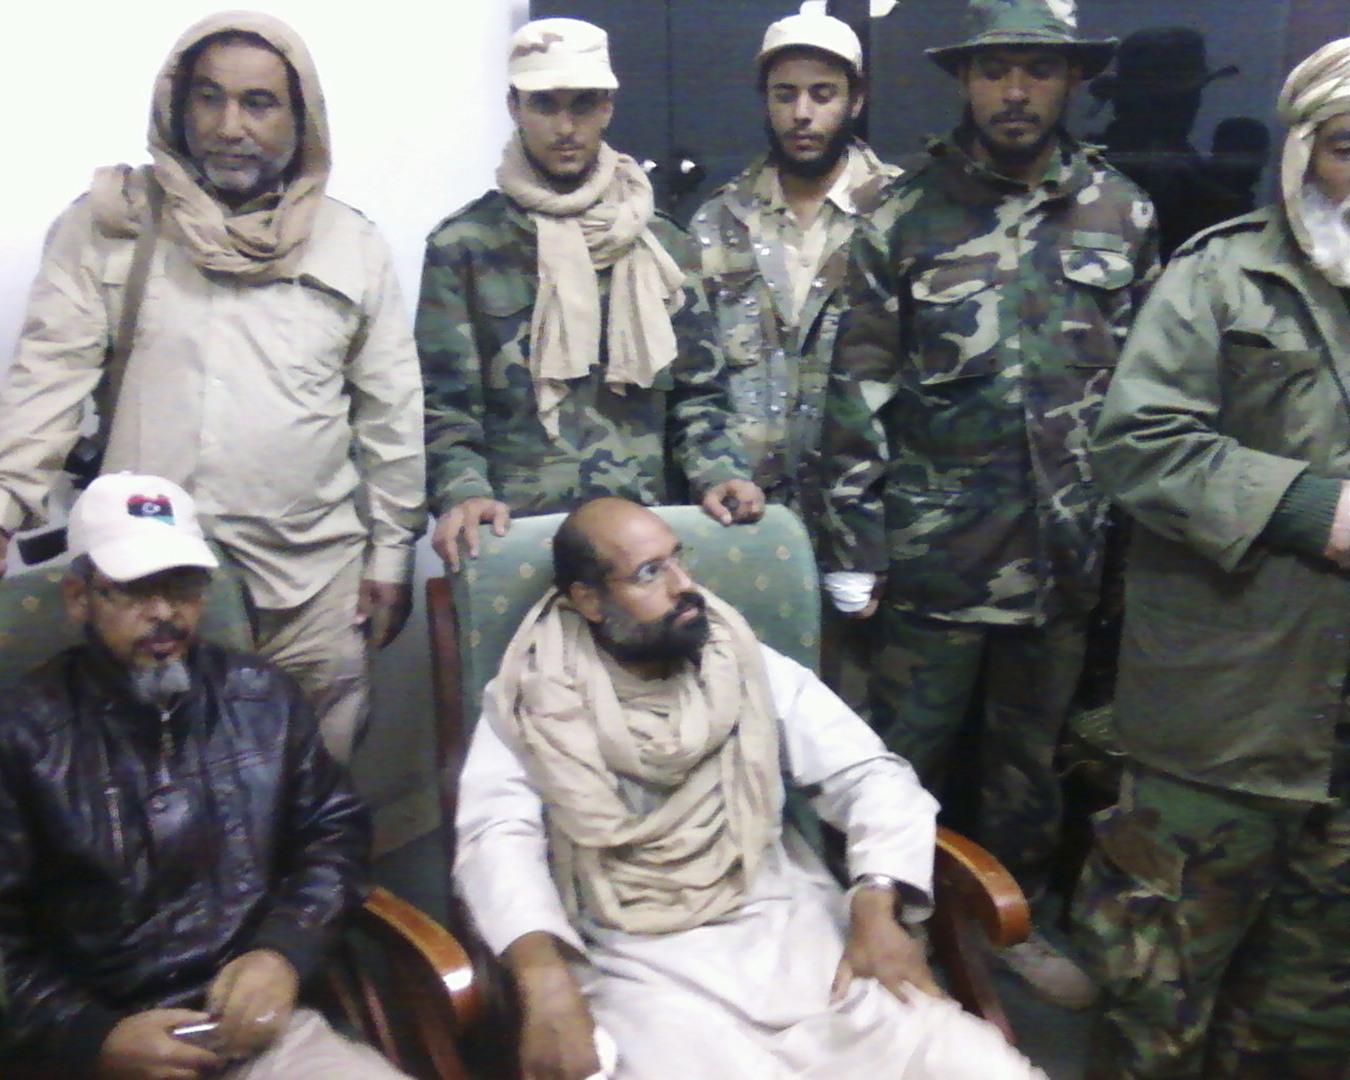 مراسل نيويورك تايمز يلتقي سيف الإسلام في الزنتان: نجل القذافي طليق ويستعد للظهور